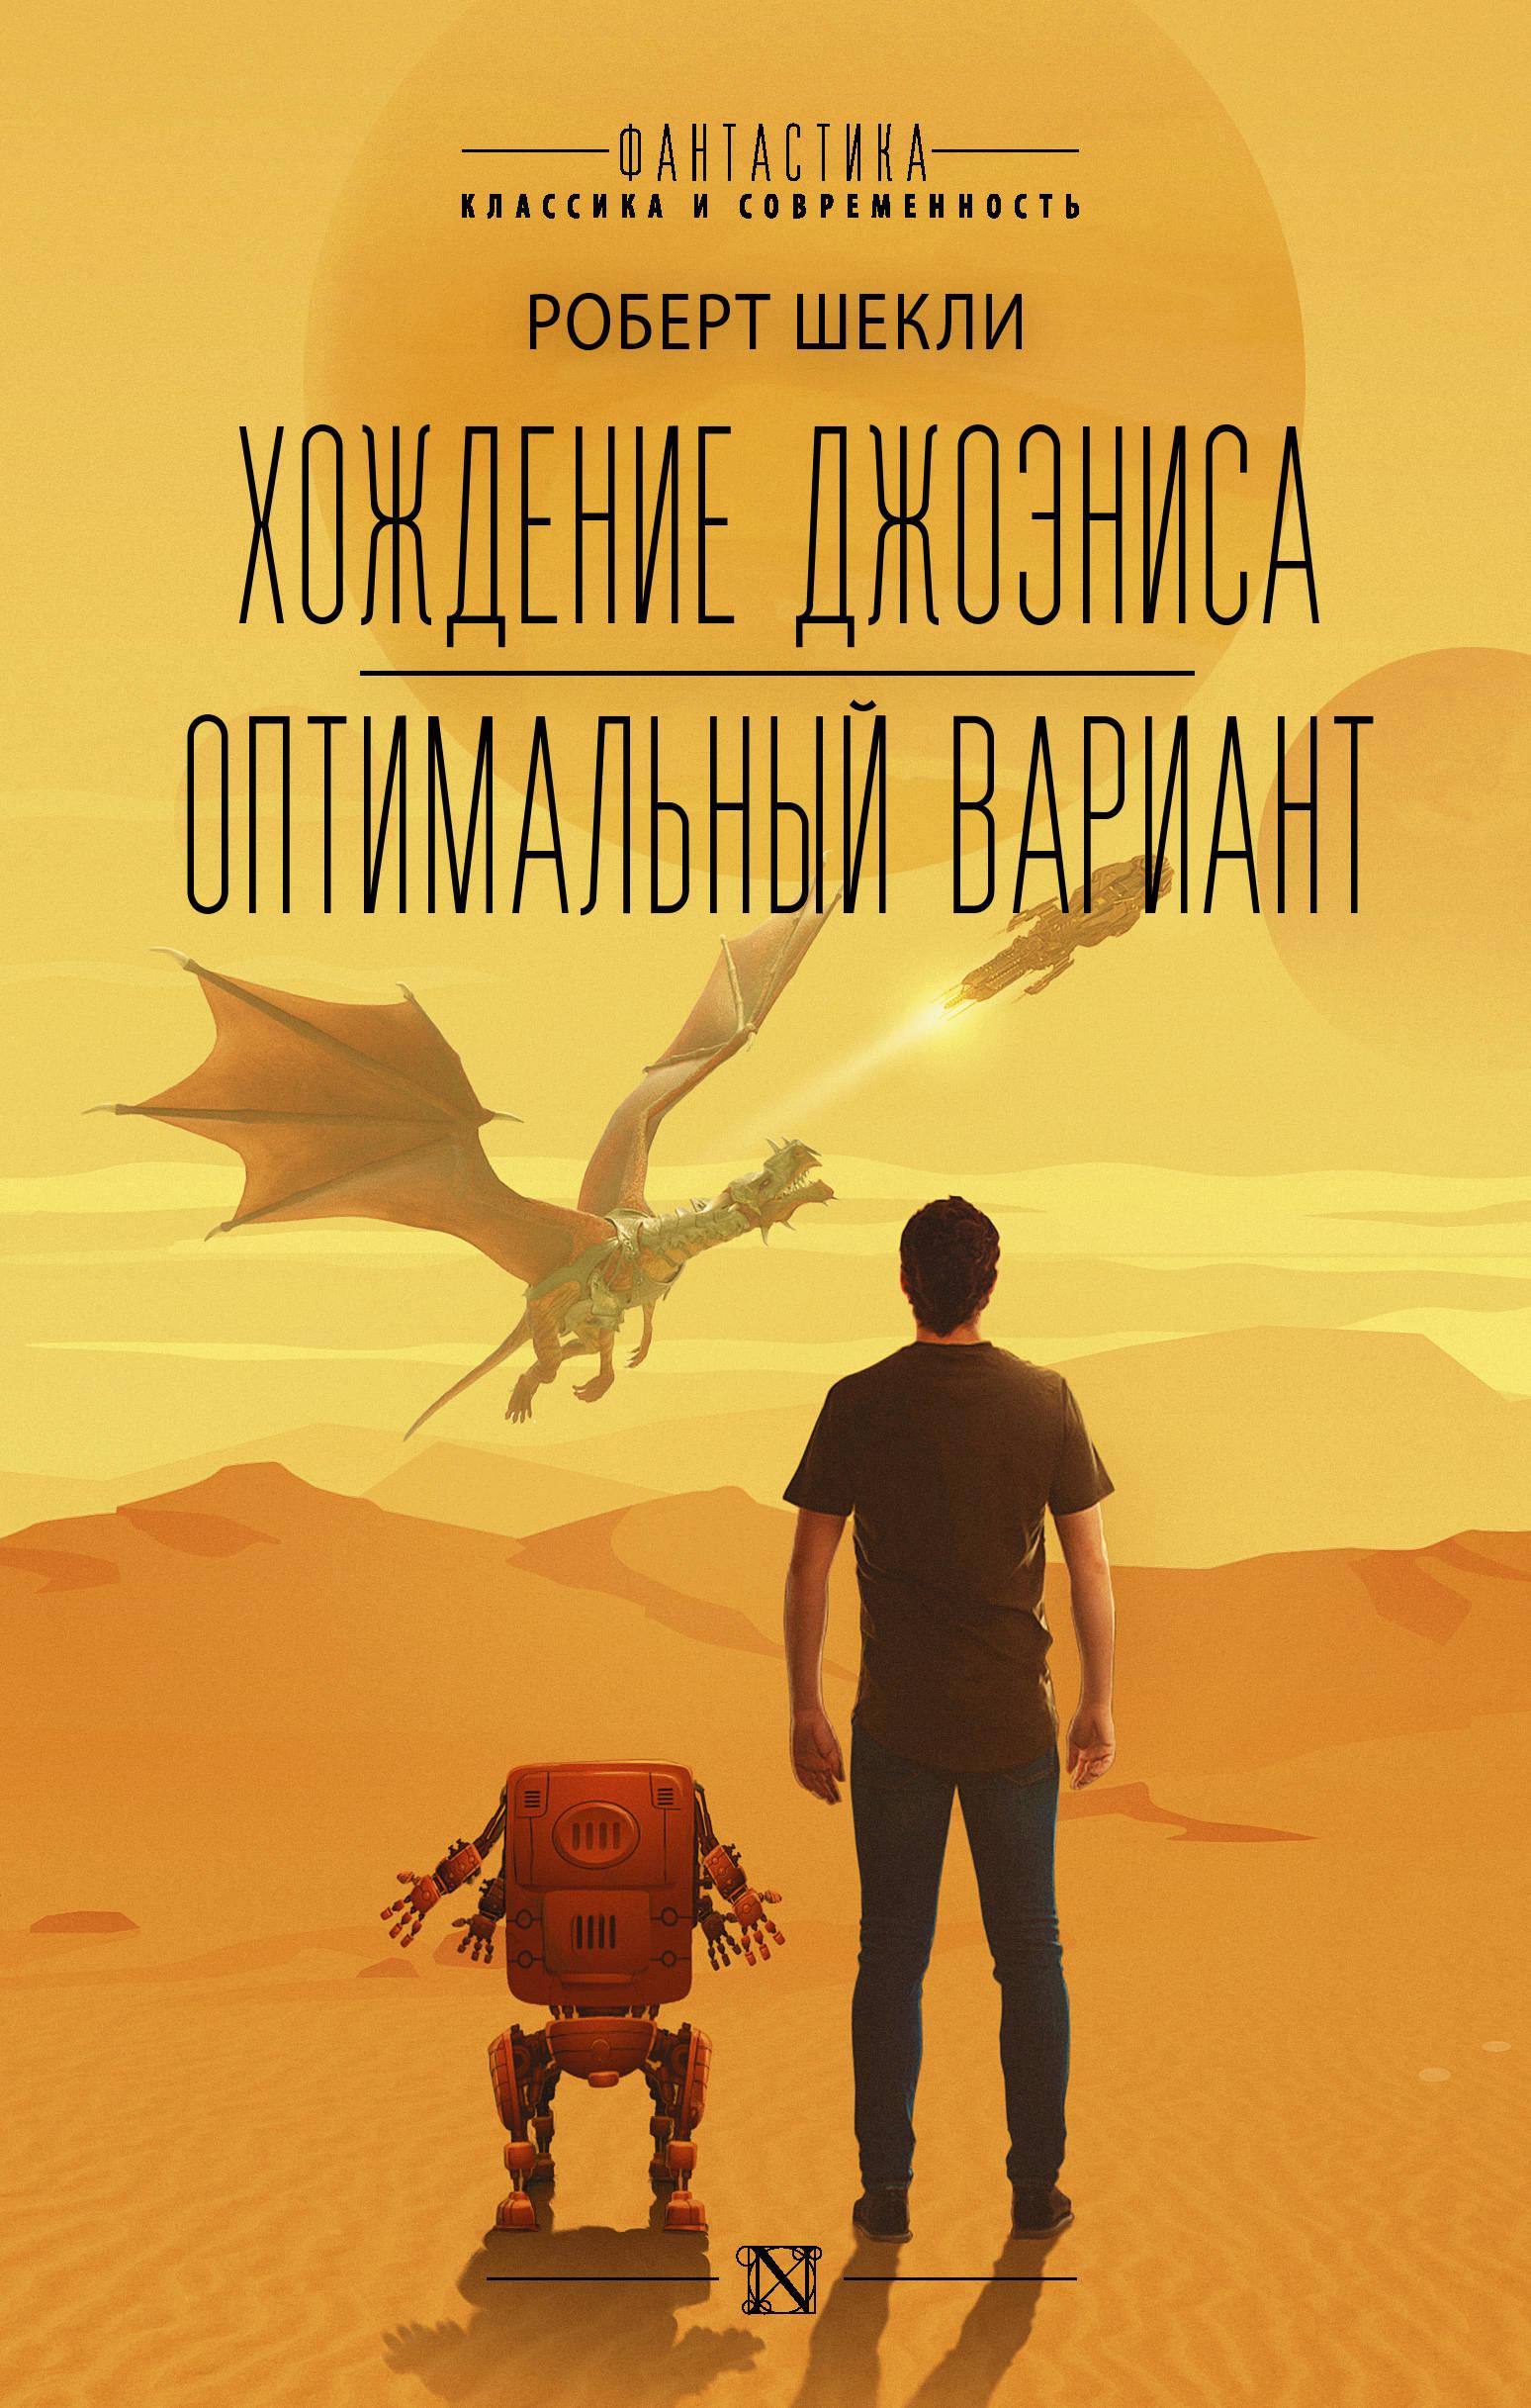 Что почитать: «Золотая империя» Чакраборти, переиздания Тэда Уильямса и Роберта Шекли 4